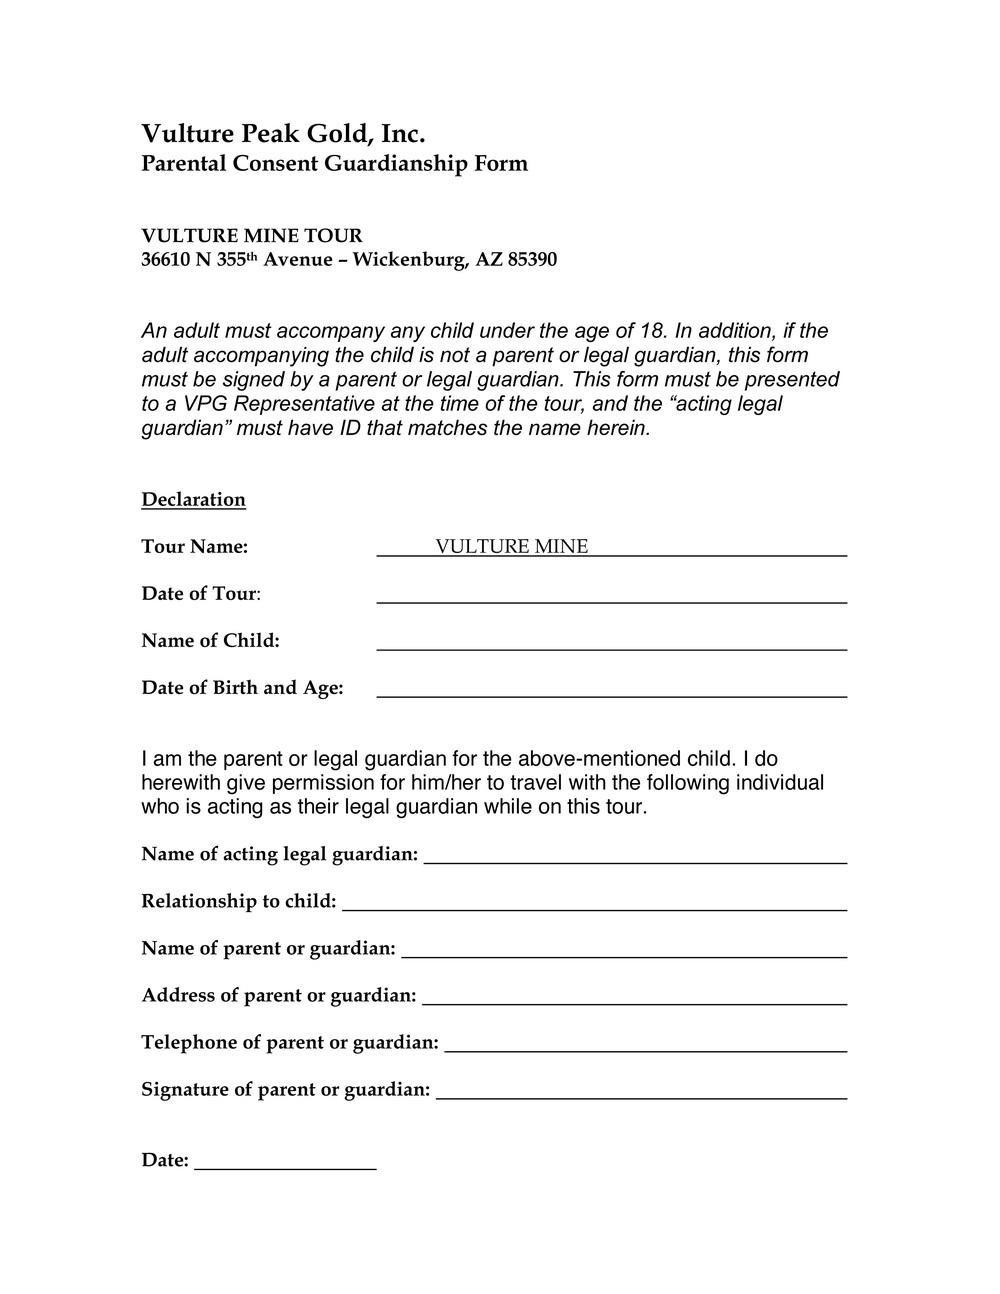 Parental Consent Form Vulture Mine – Parental Consent Form